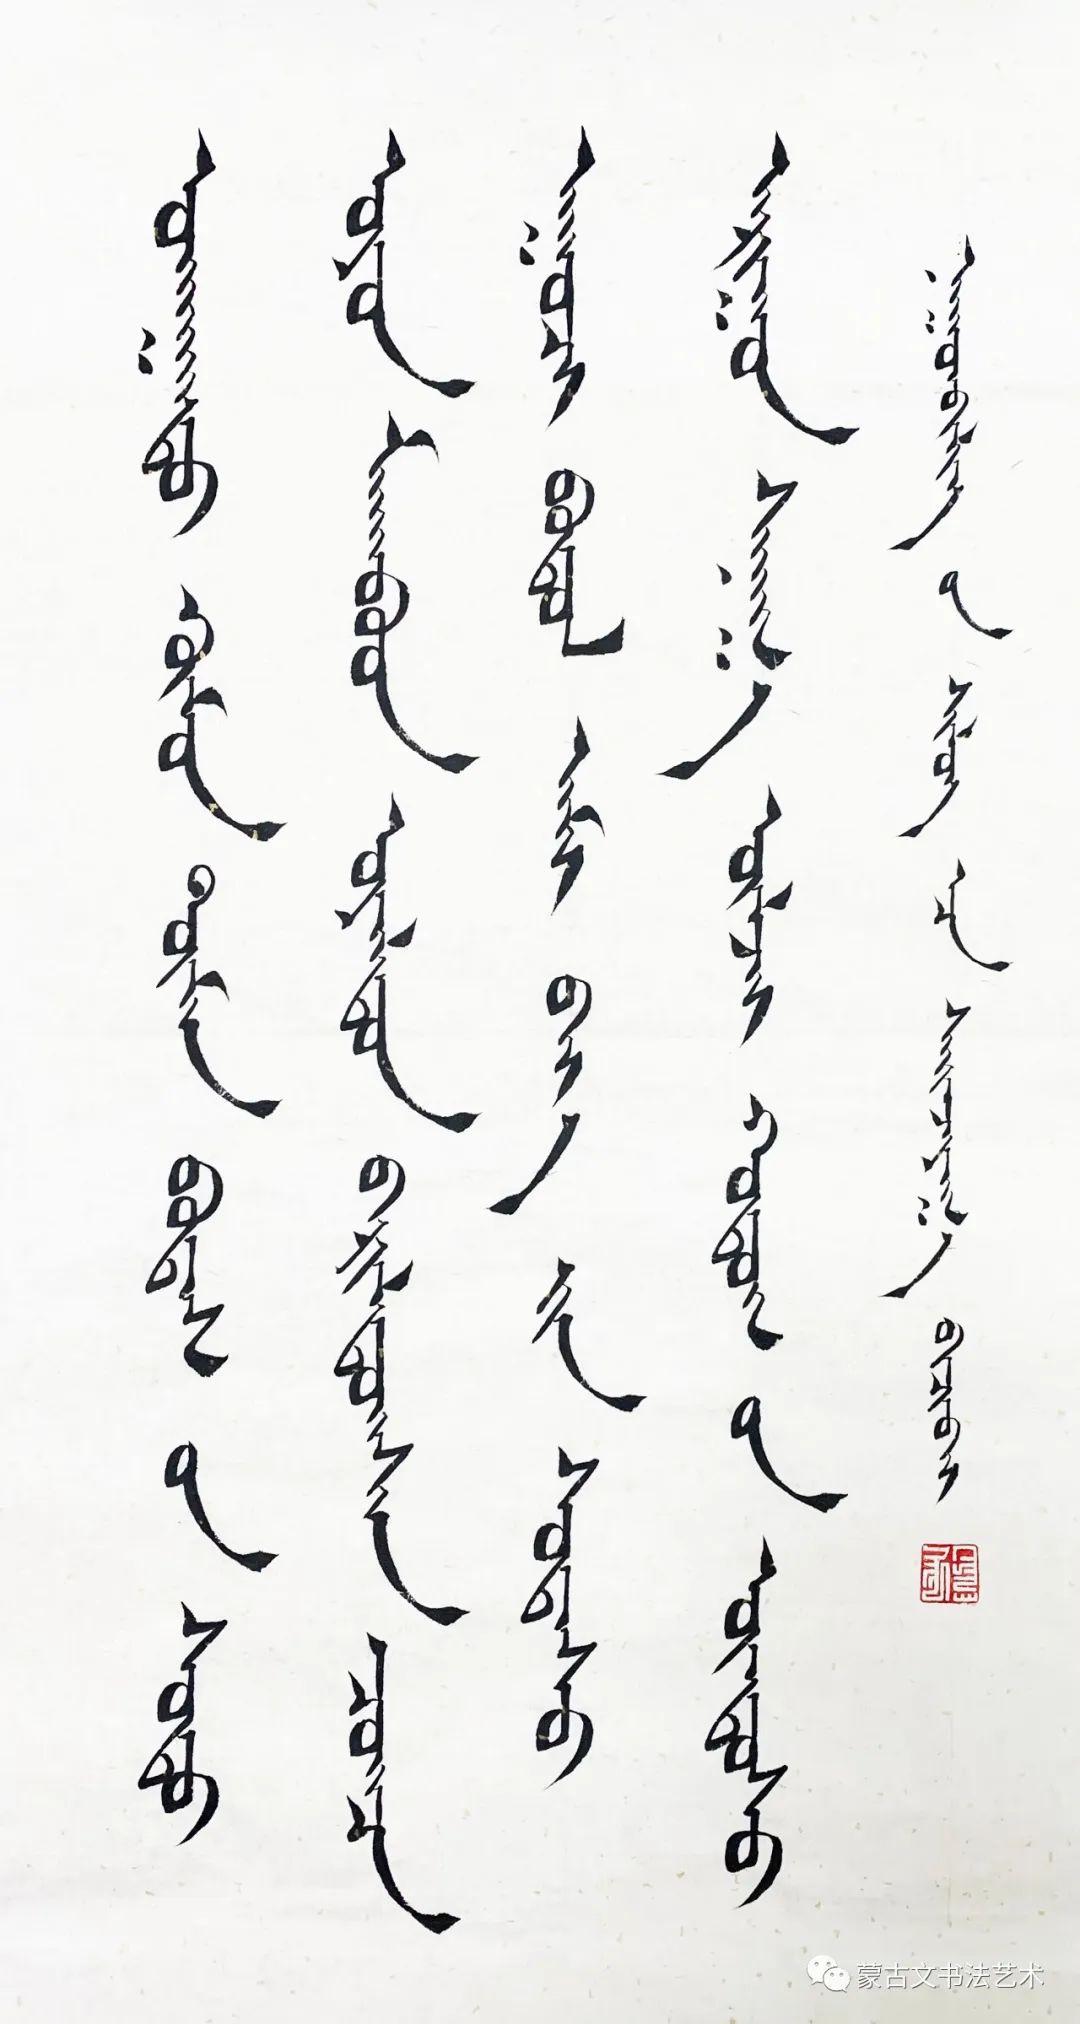 赛音吉雅蒙古文书法楷书作品 第2张